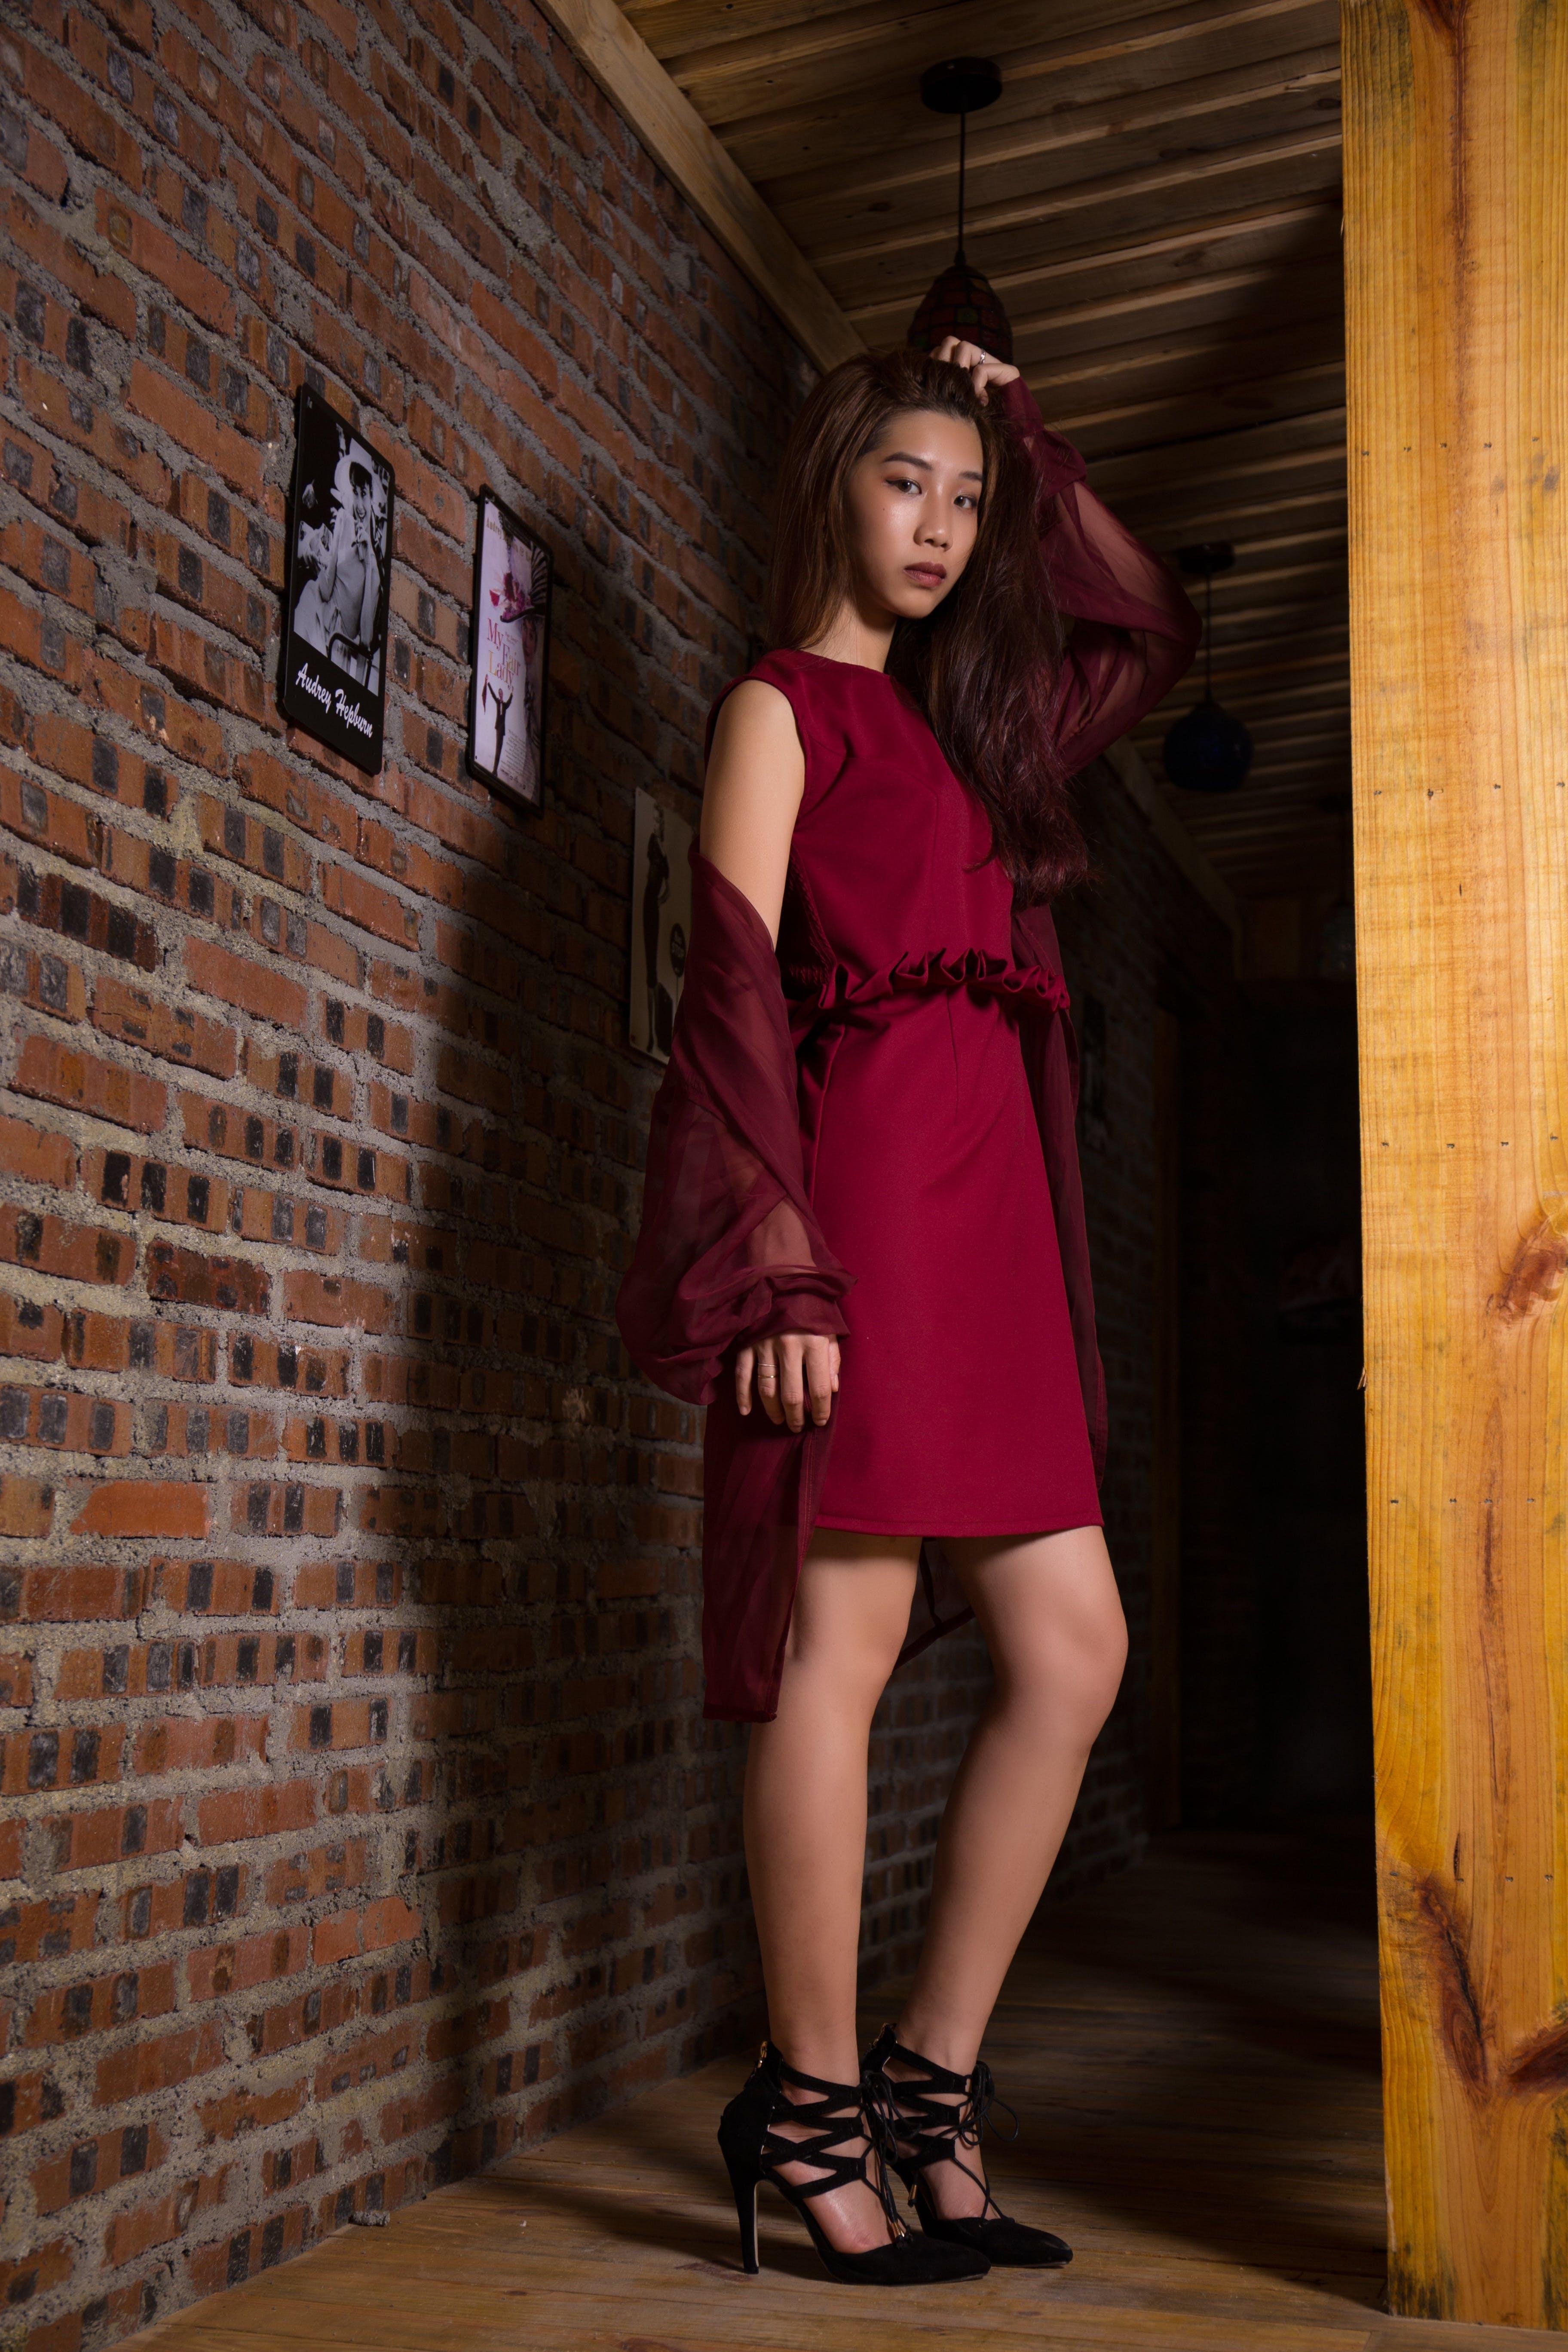 Woman Posing Wearing Red Dress